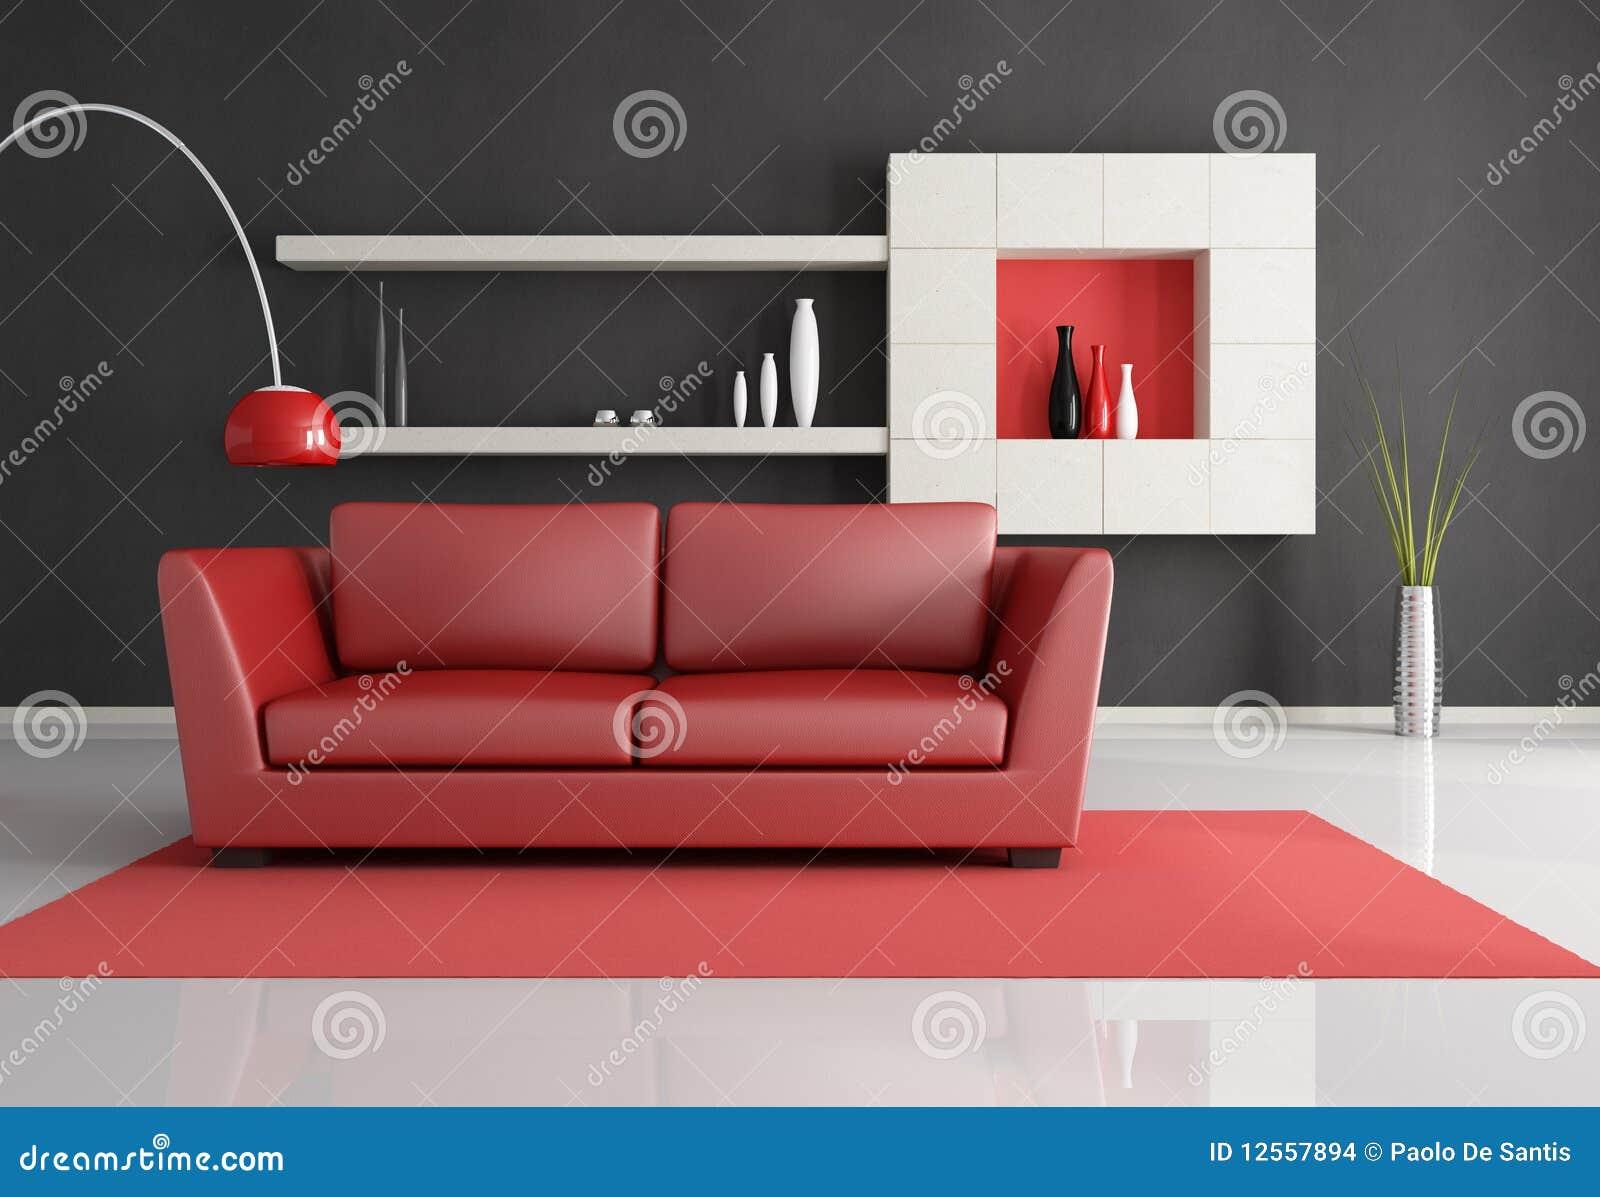 Baño Minimalista Rojo:Sala De Estar Minimalista Imagenes de archivo – Imagen: 12557894